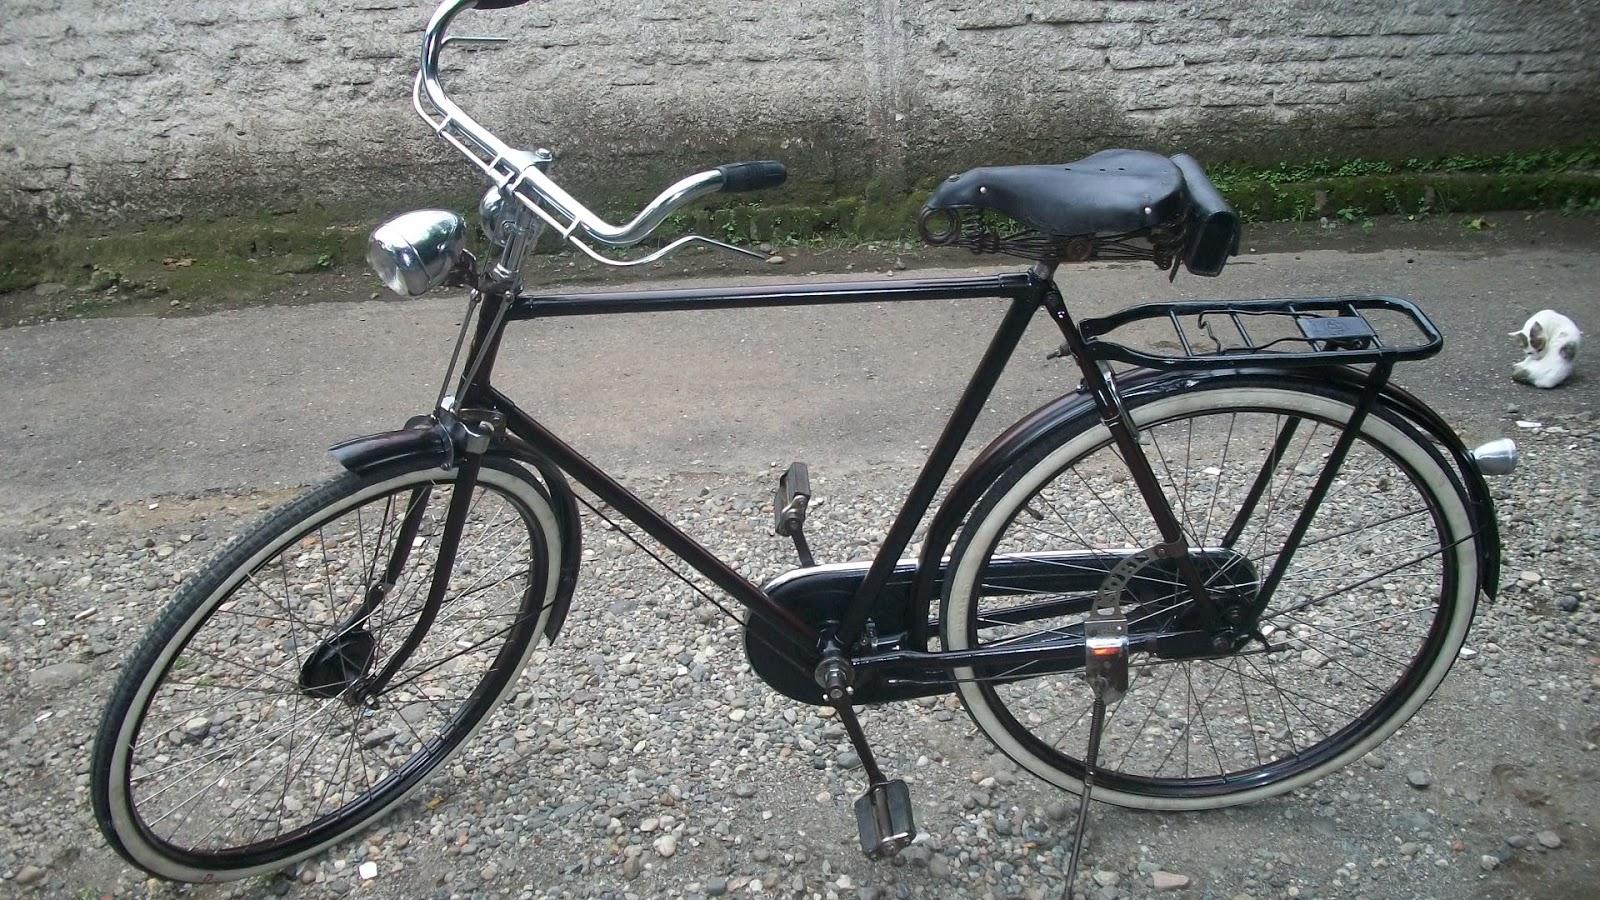 Koleksi Sepeda Onthel Kuno c ANTIK: SIMPLEX HEREN seri 1